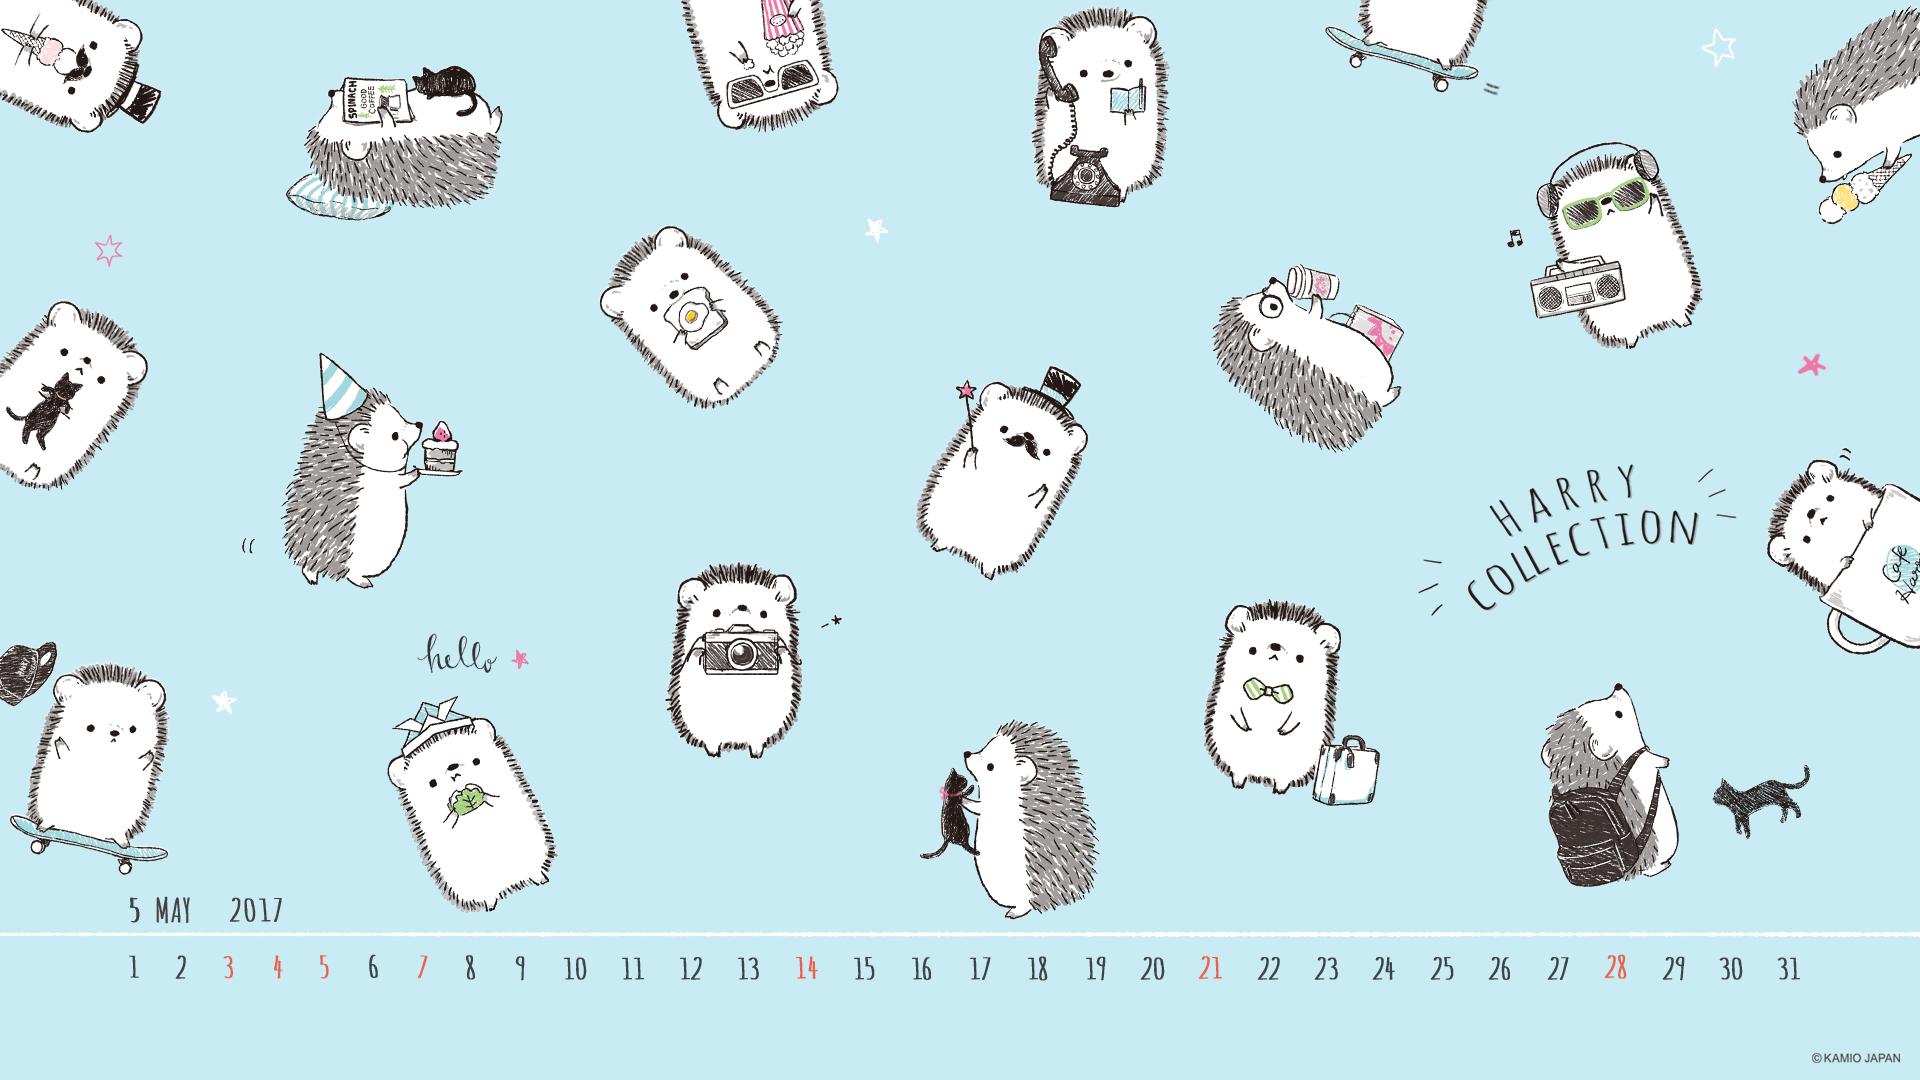 5月カレンダー壁紙プレゼント ニュース 株式会社カミオジャパン ファンシーグッズの企画 デザイン 製造 販売